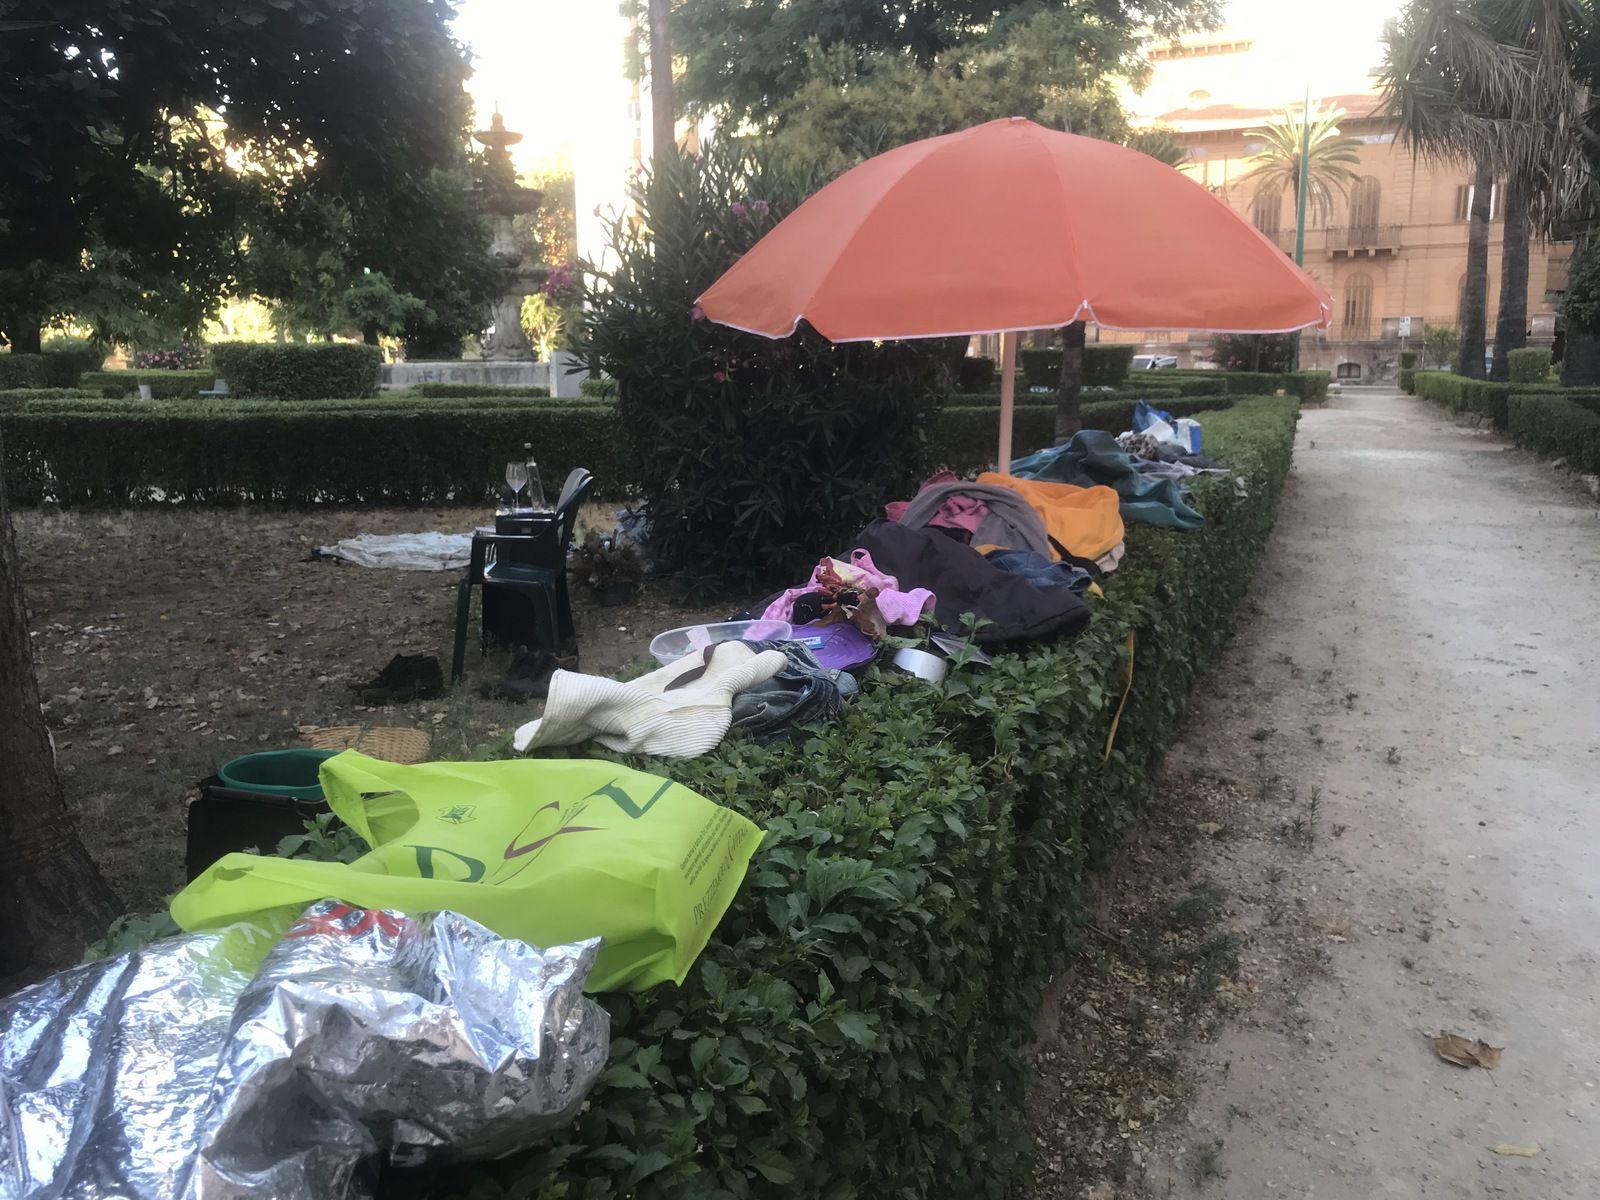 Homeless organizzato (foto di Maurizio Crispi, 2021)